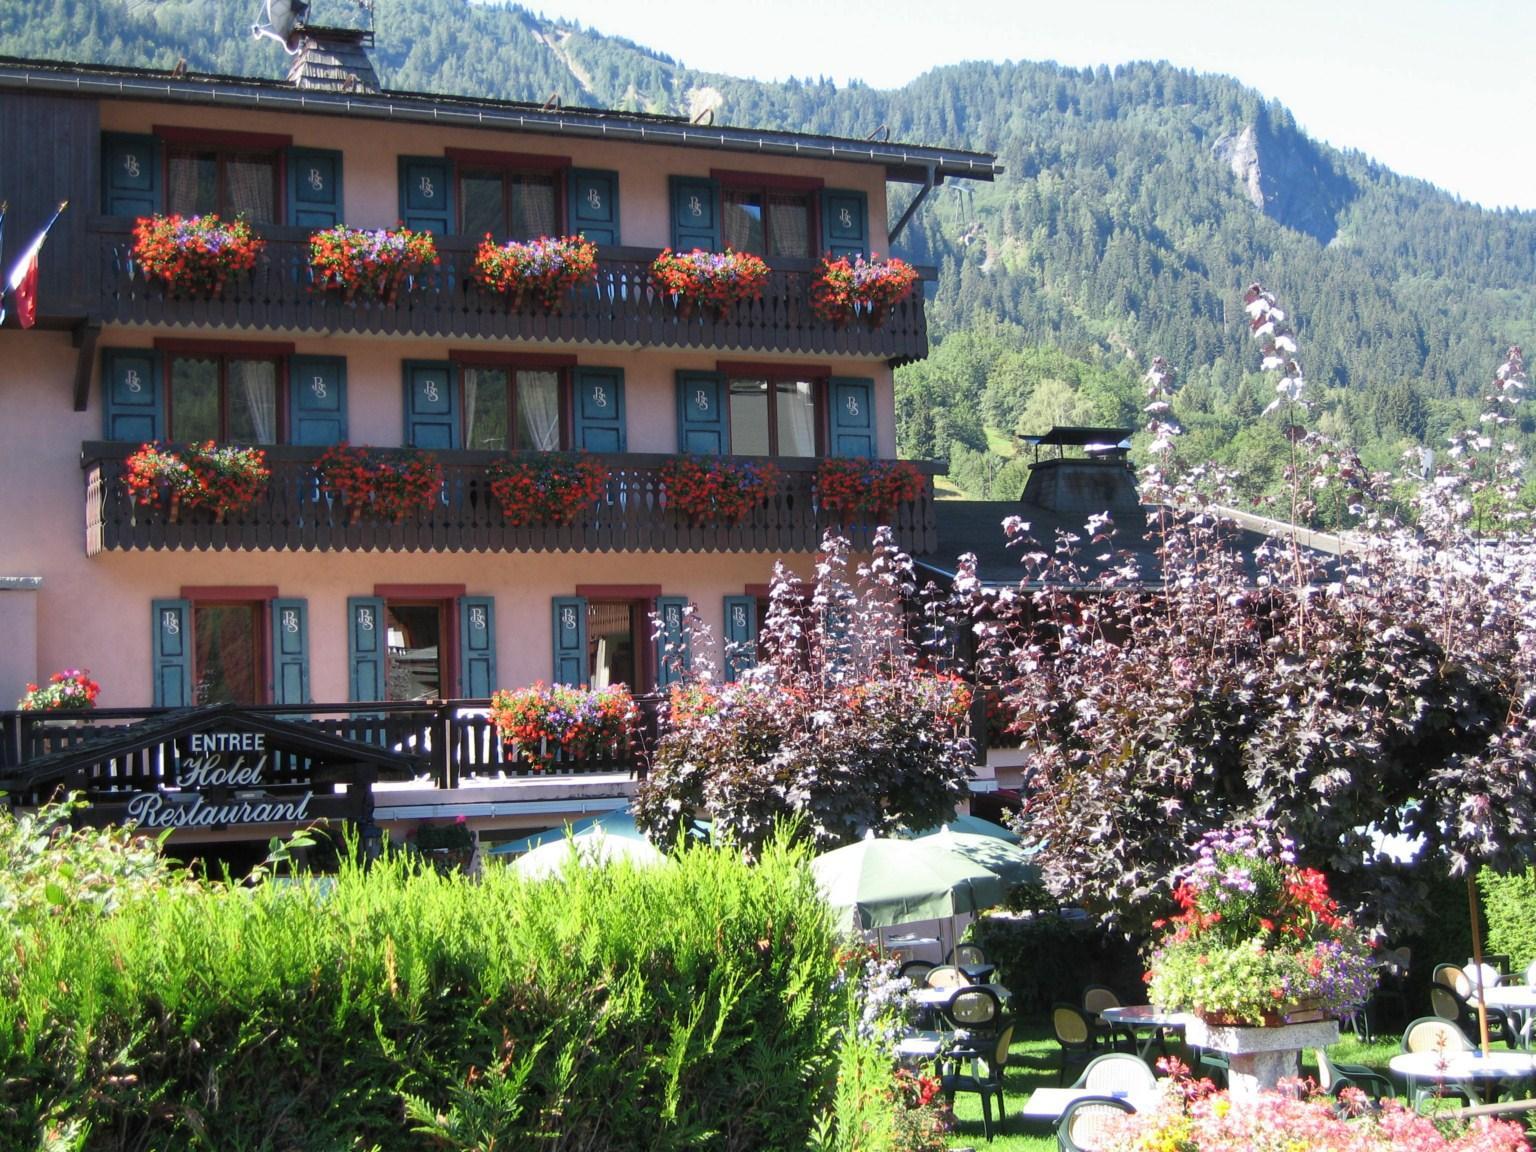 Hôtel restaurant de dix-huit chambres à la vente donnant sur la place centrale des Houches. Surface de 996.29 m² distribuée sur cinq